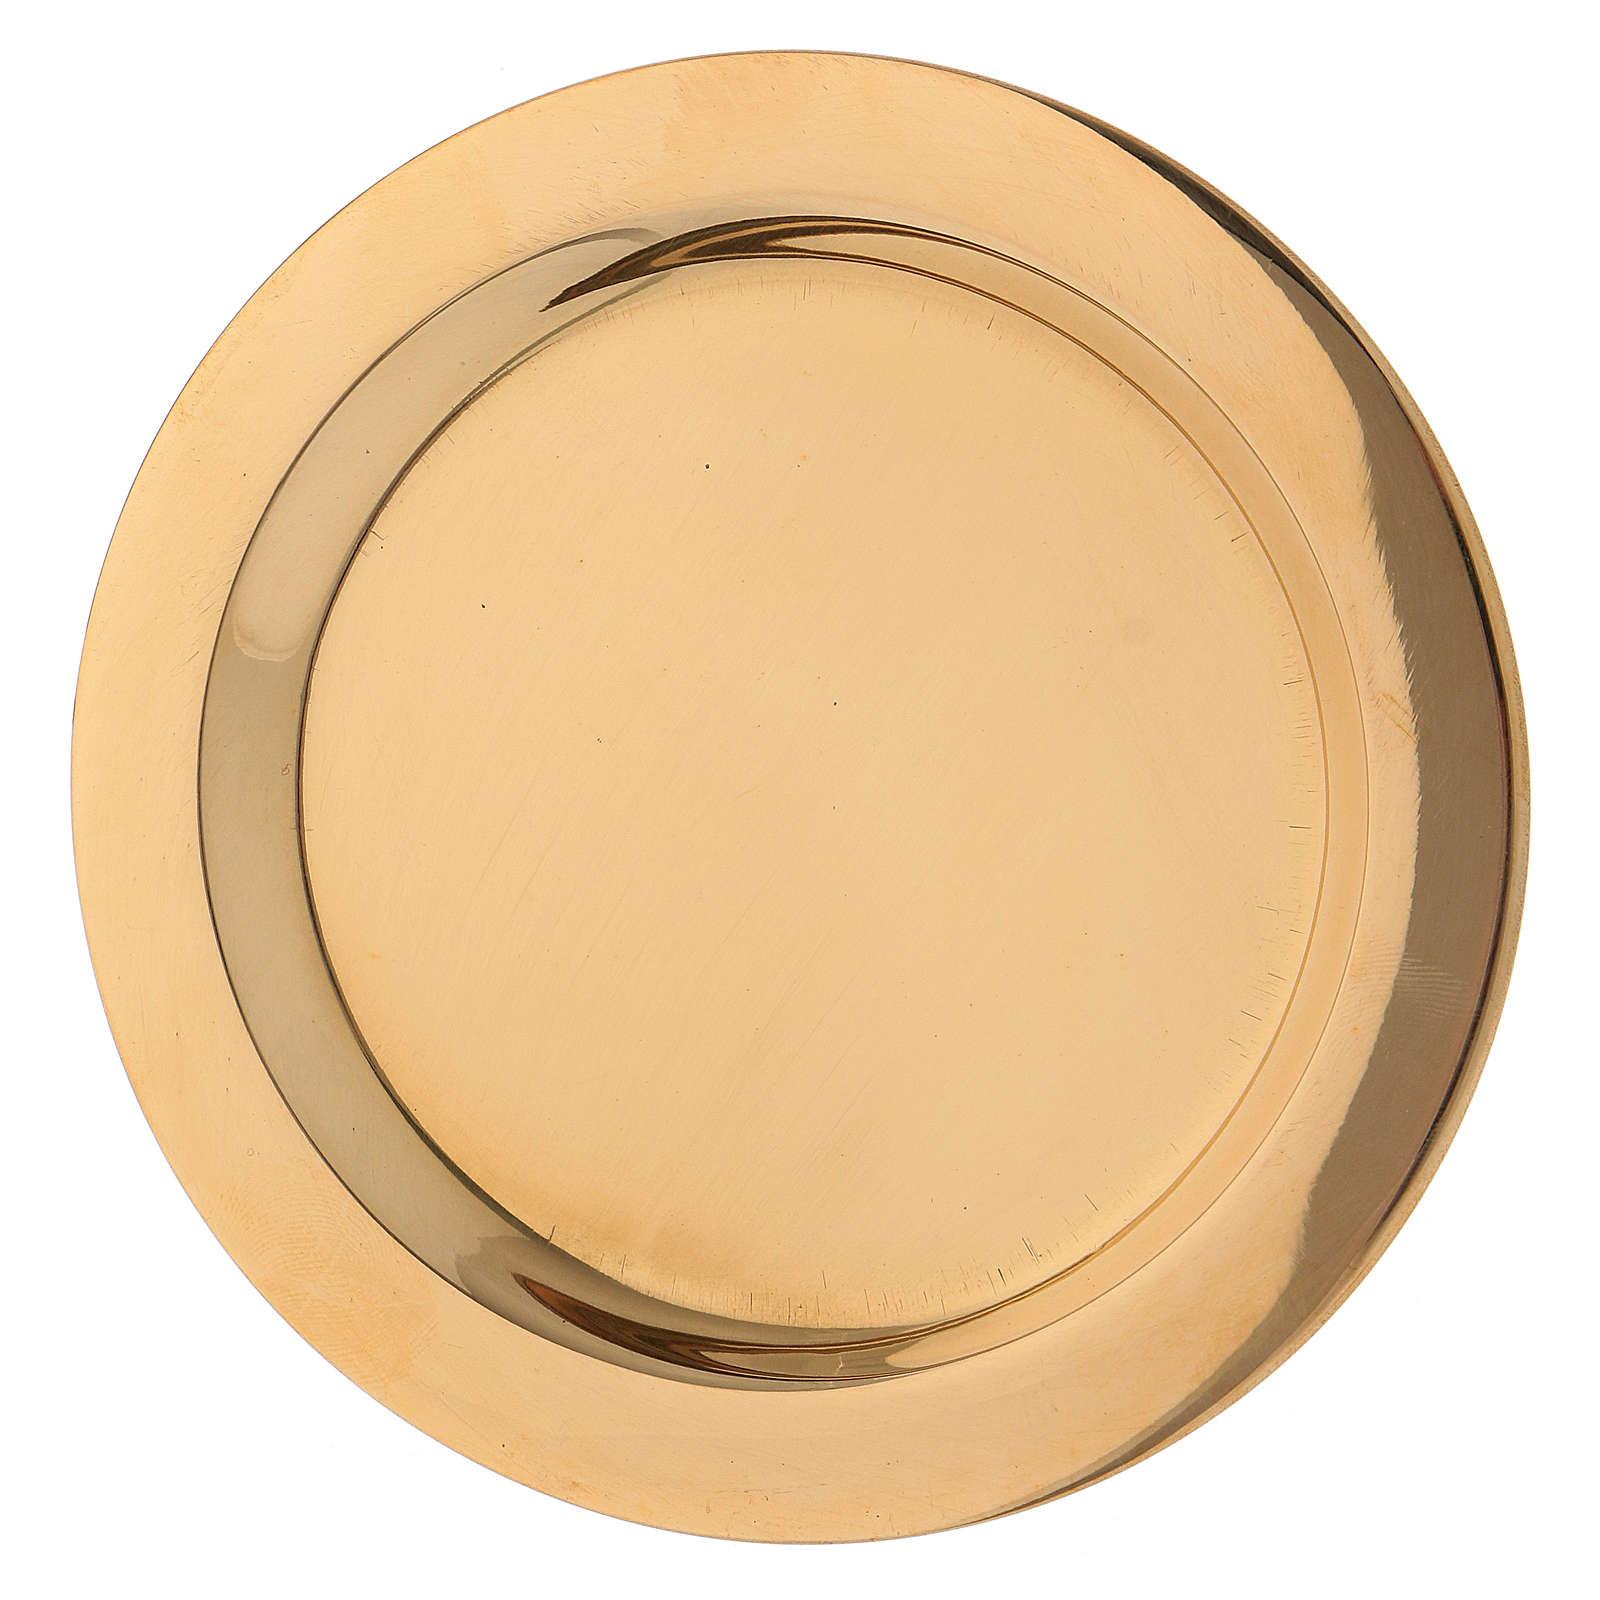 Piatto portacandele in ottone lucido dorato diametro d. 11 cm  3